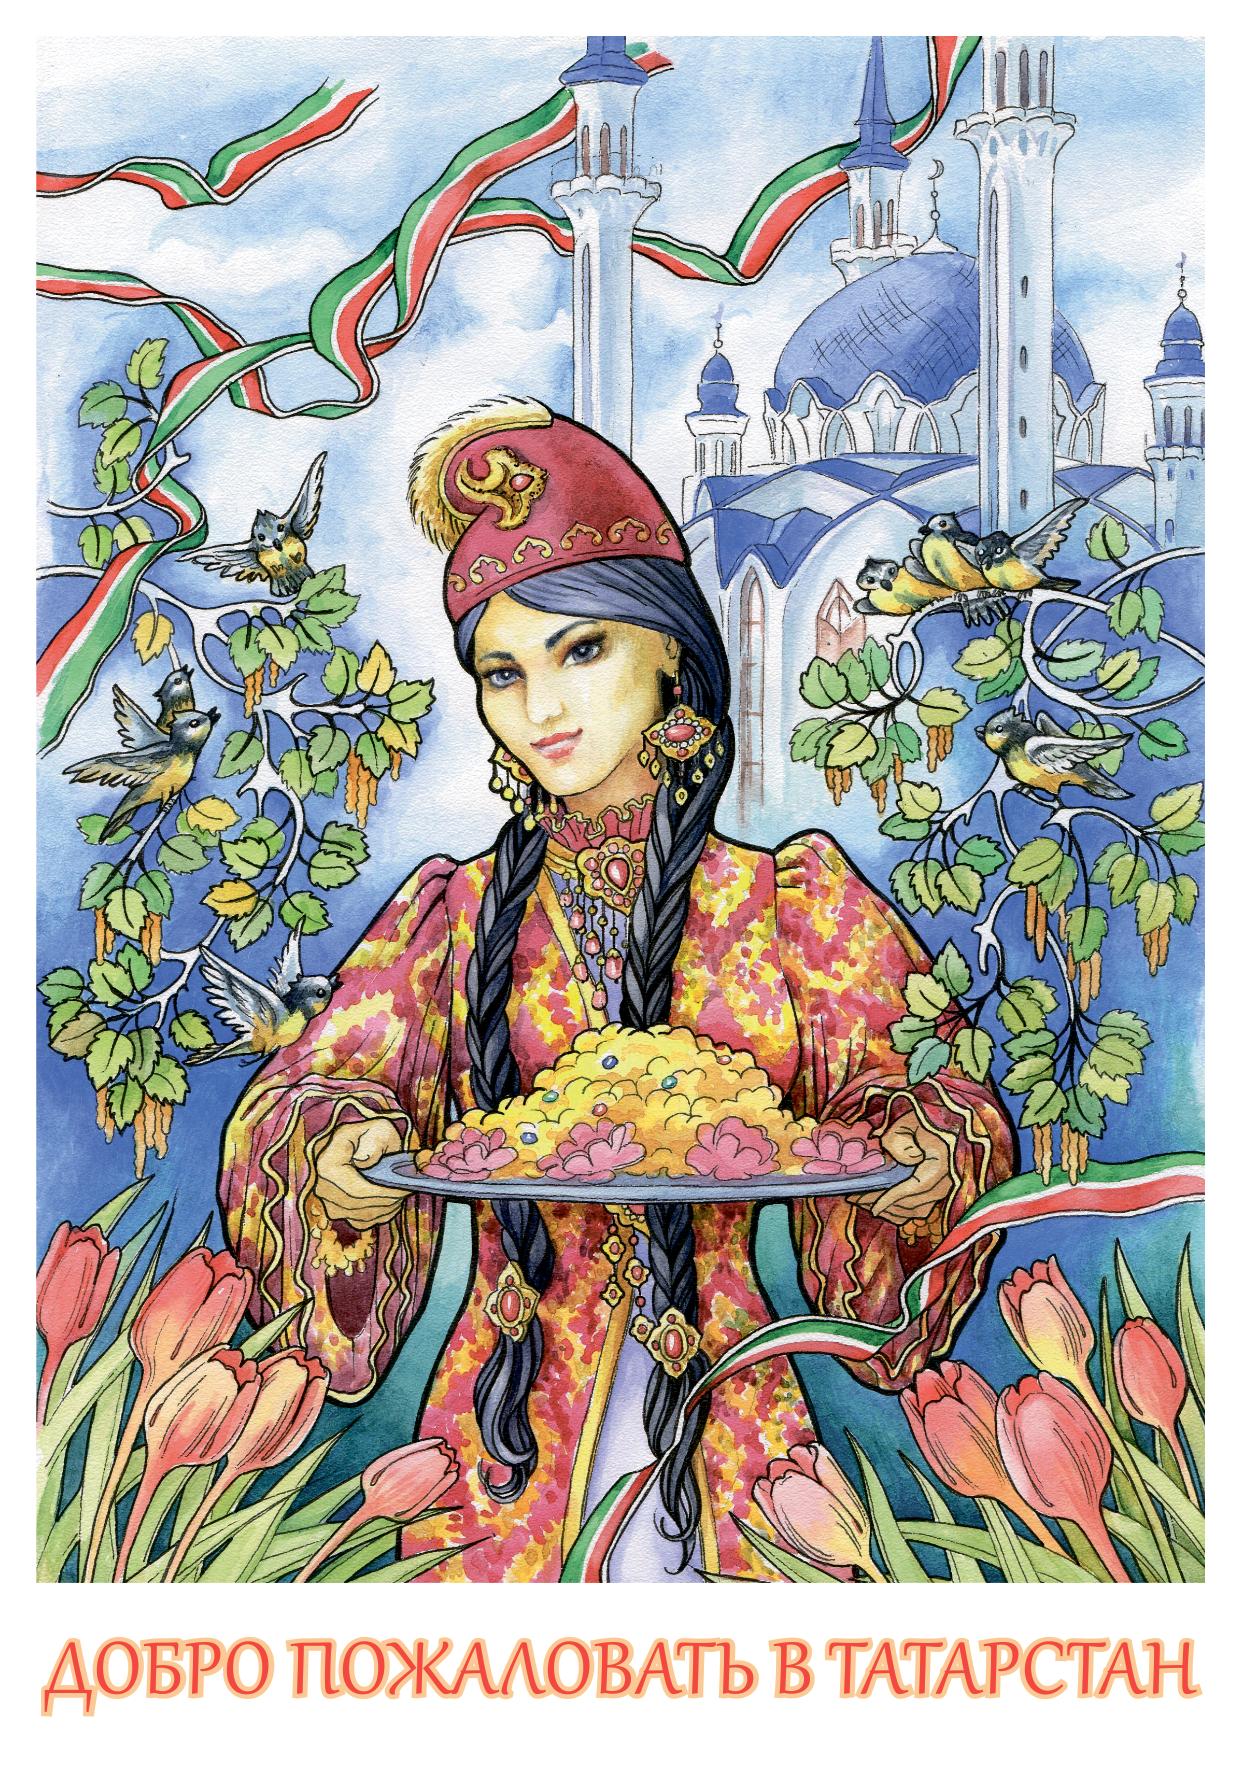 занимают большие добро пожаловать в россию картинки открытки делили миллионами